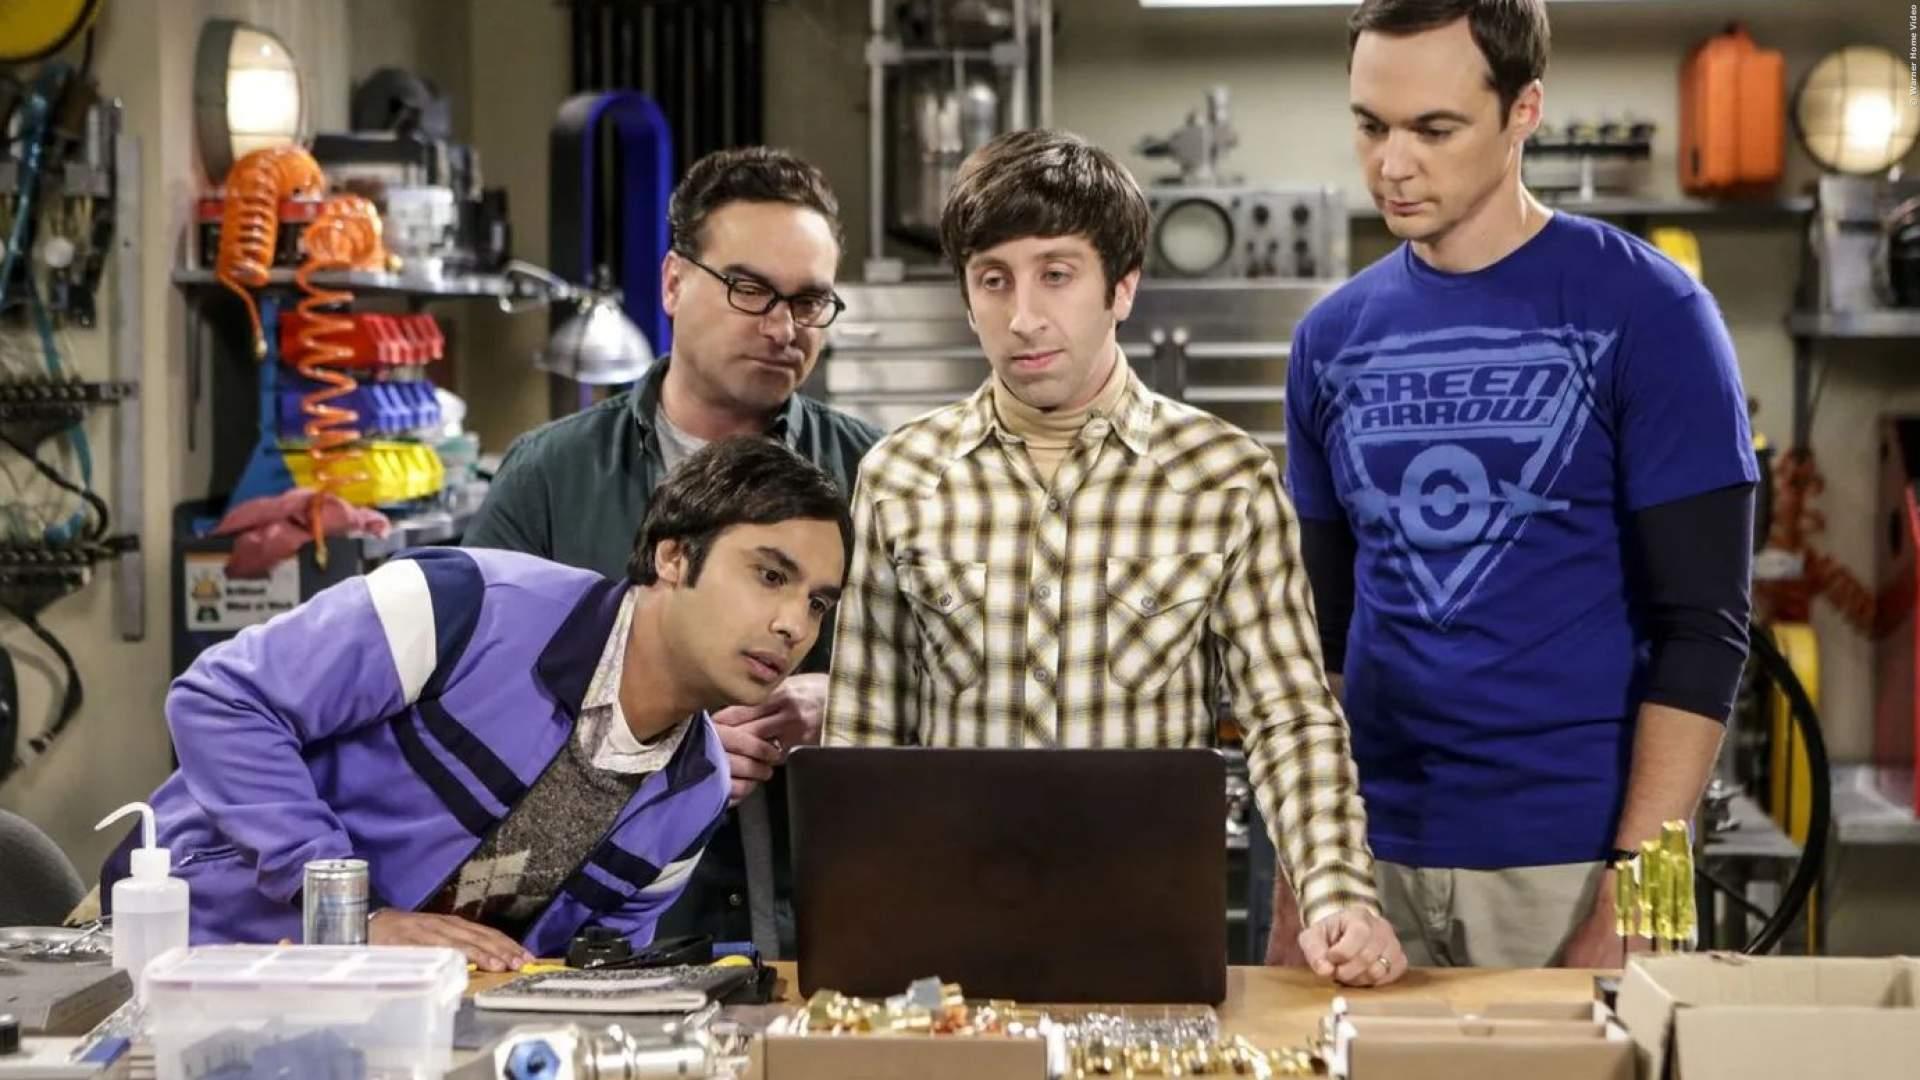 NOBELPREIS: 'Big Bang Theory' wird bei echter Verleihung gewürdigt